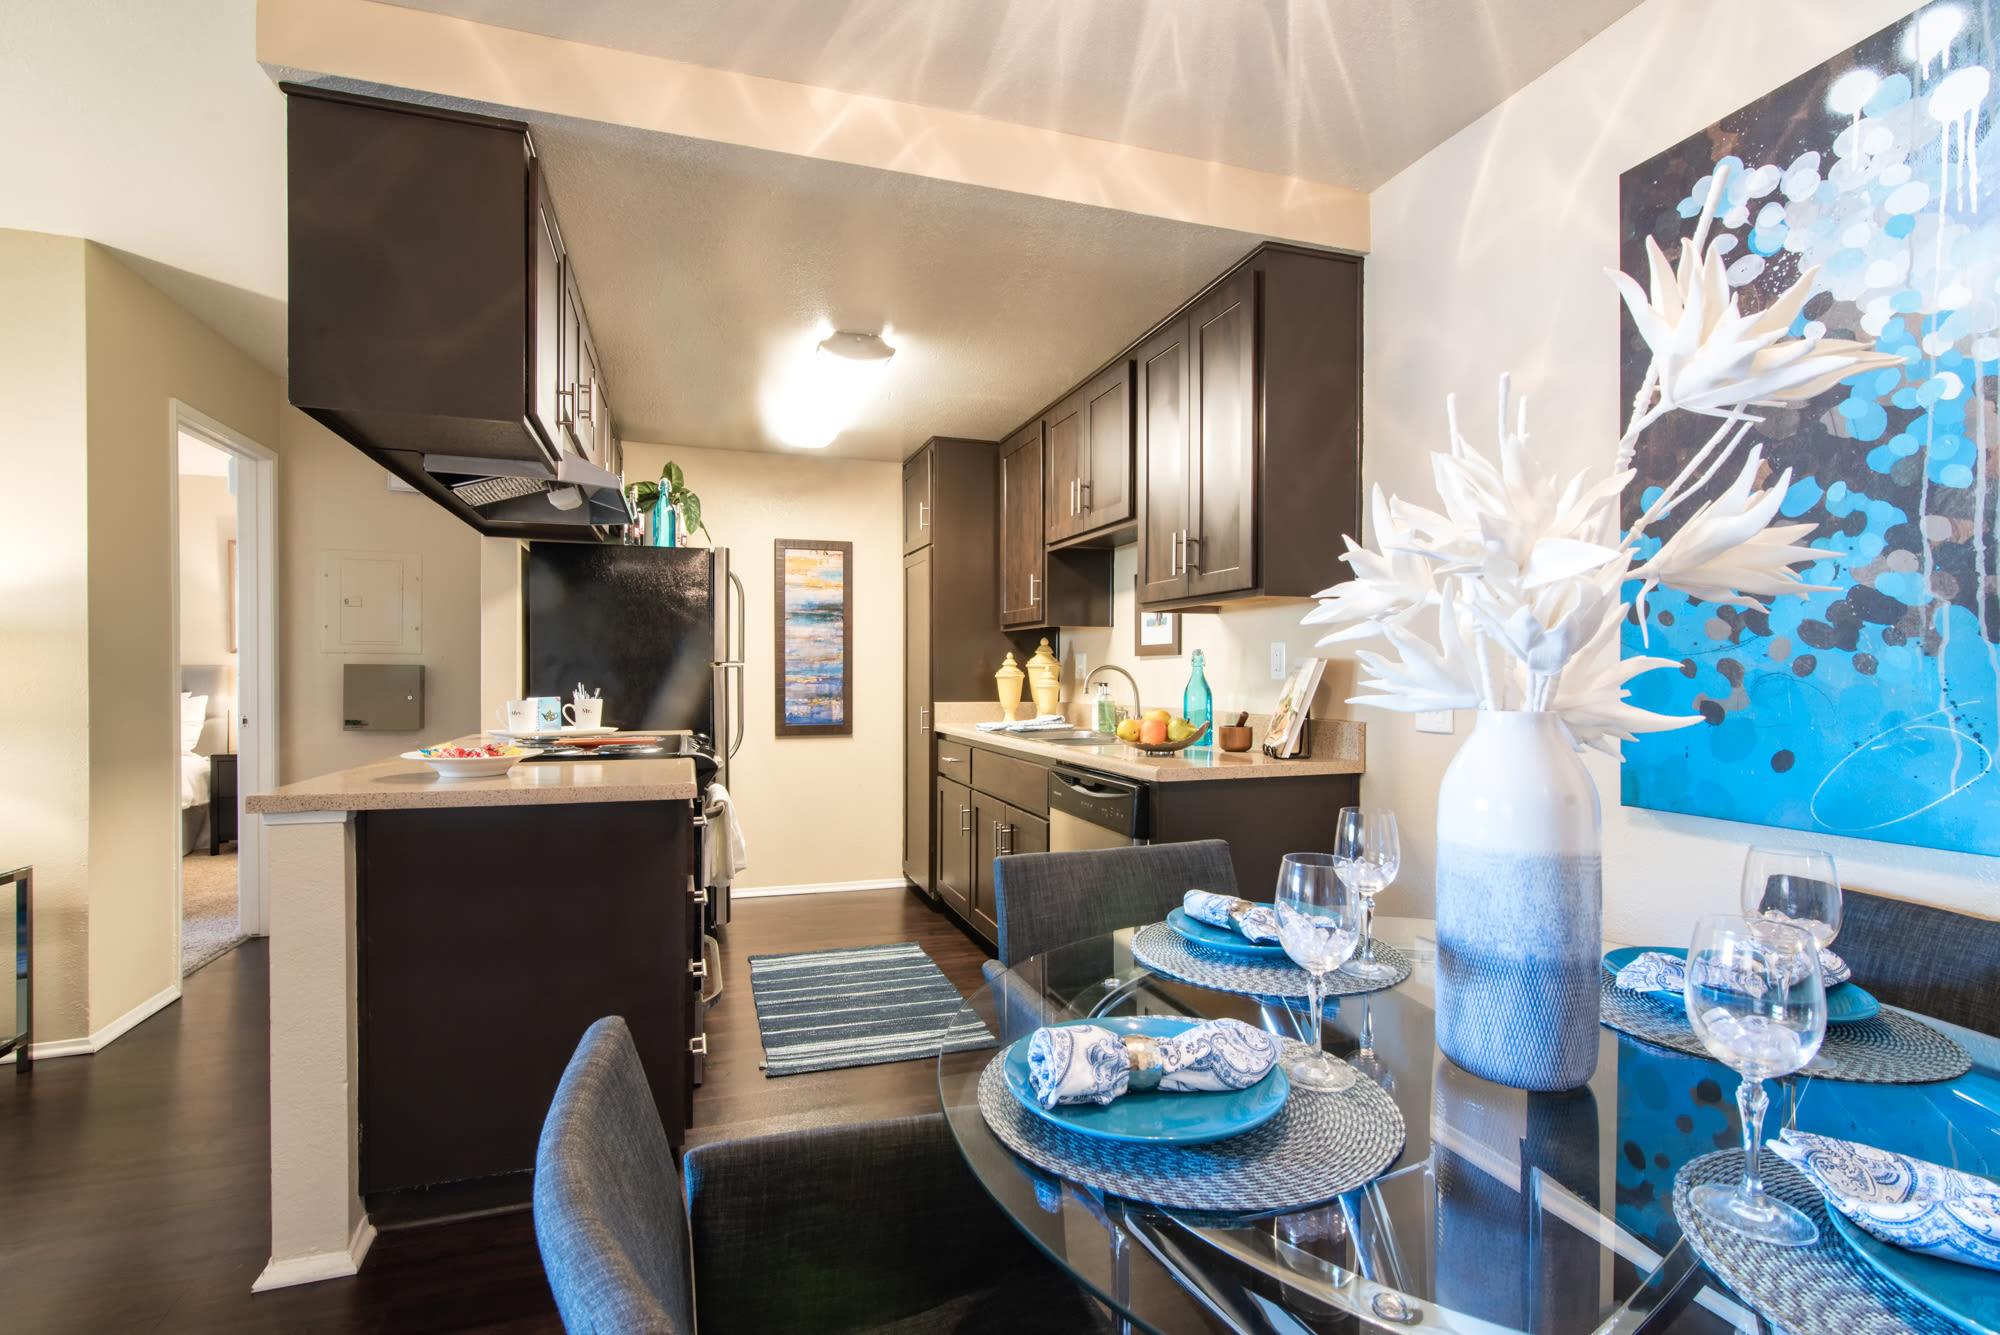 Bedroom Fully Equipped At Terra Nova Villas